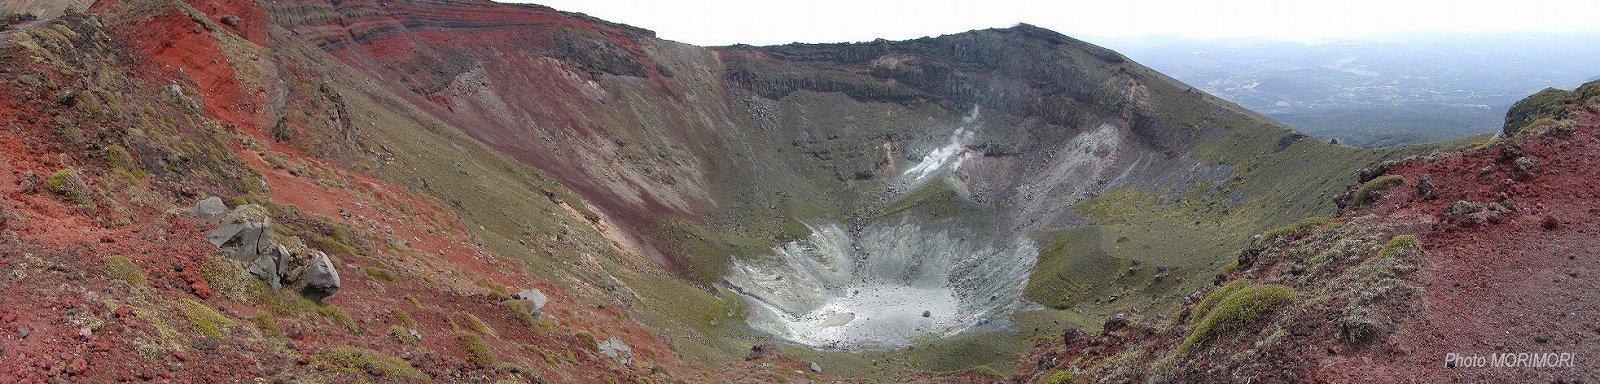 高千穂の峰 御鉢 パノラマ写真